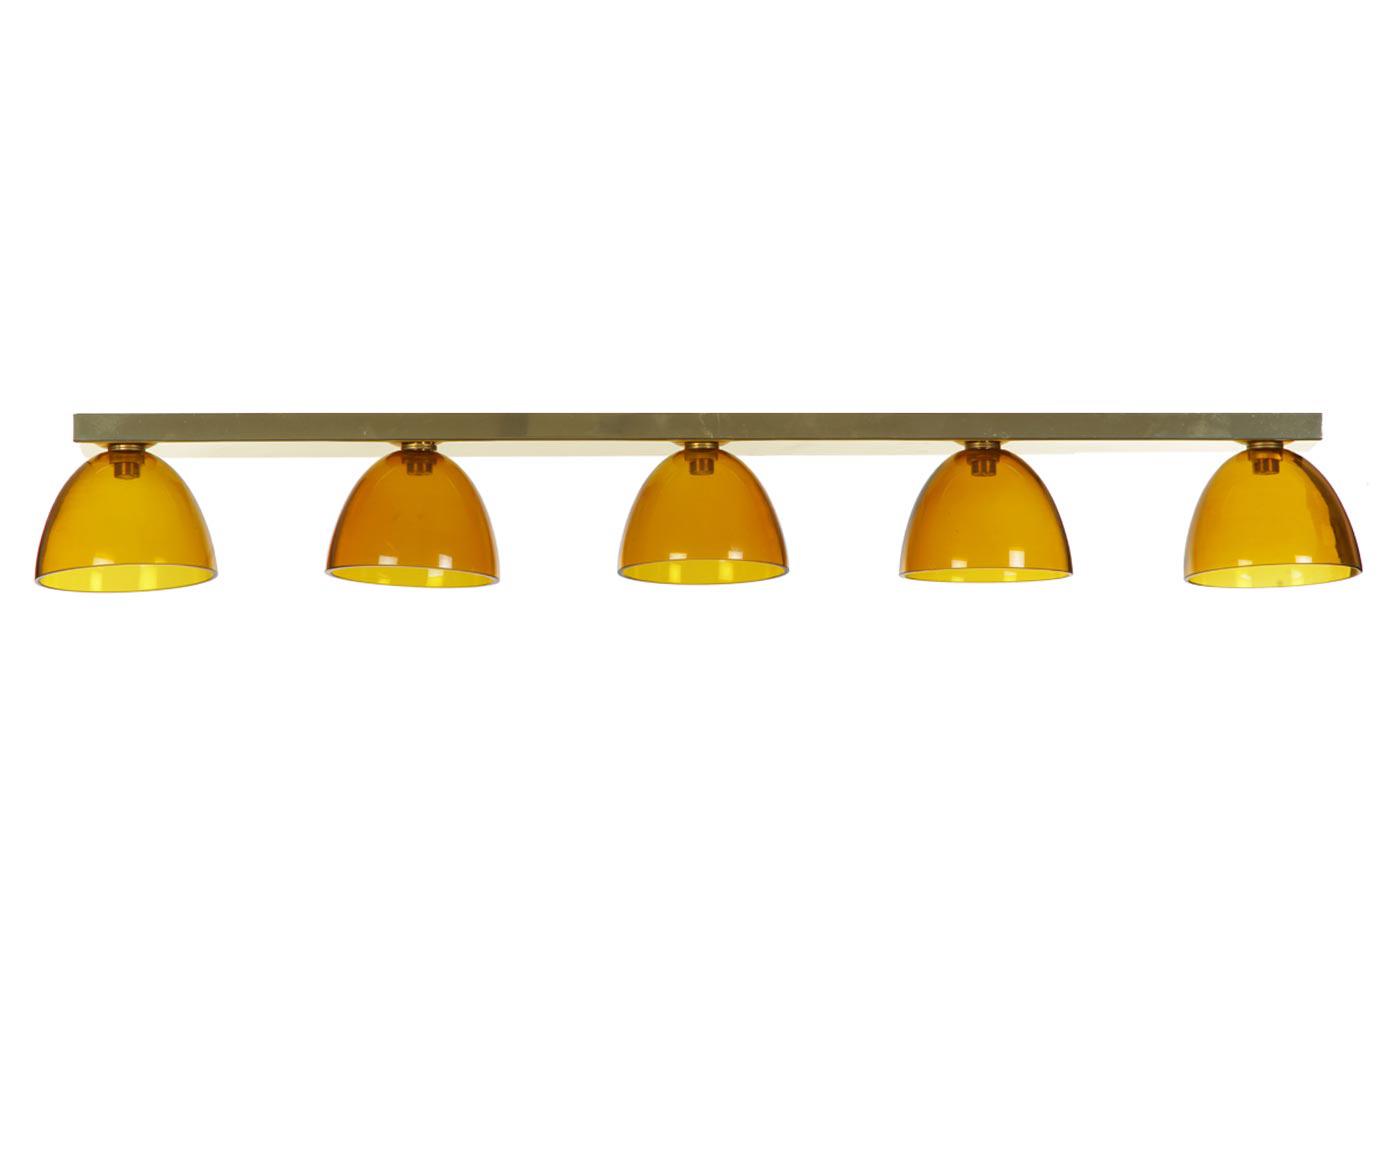 Дизайнерский подвесной светильникПодвесные светильники<br>&amp;lt;div&amp;gt;&amp;lt;div&amp;gt;&amp;lt;span style=&amp;quot;line-height: 24.9999px;&amp;quot;&amp;gt;Под лампу 12 вольт / 50 ватт или лампу LED (12 вольт), рассчитан на 5 ламп&amp;lt;/span&amp;gt;&amp;lt;/div&amp;gt;&amp;lt;div&amp;gt;&amp;lt;span style=&amp;quot;line-height: 24.9999px;&amp;quot;&amp;gt;Напряжение 12V , электронный трансформатор в комплекте&amp;lt;/span&amp;gt;&amp;lt;/div&amp;gt;&amp;lt;div&amp;gt;&amp;lt;span style=&amp;quot;line-height: 24.9999px;&amp;quot;&amp;gt;Длину подвеса можно регулировать.&amp;lt;/span&amp;gt;&amp;lt;/div&amp;gt;&amp;lt;/div&amp;gt;<br><br>Material: Металл<br>Width см: 94<br>Depth см: 7<br>Height см: 210<br>Diameter см: 12,8